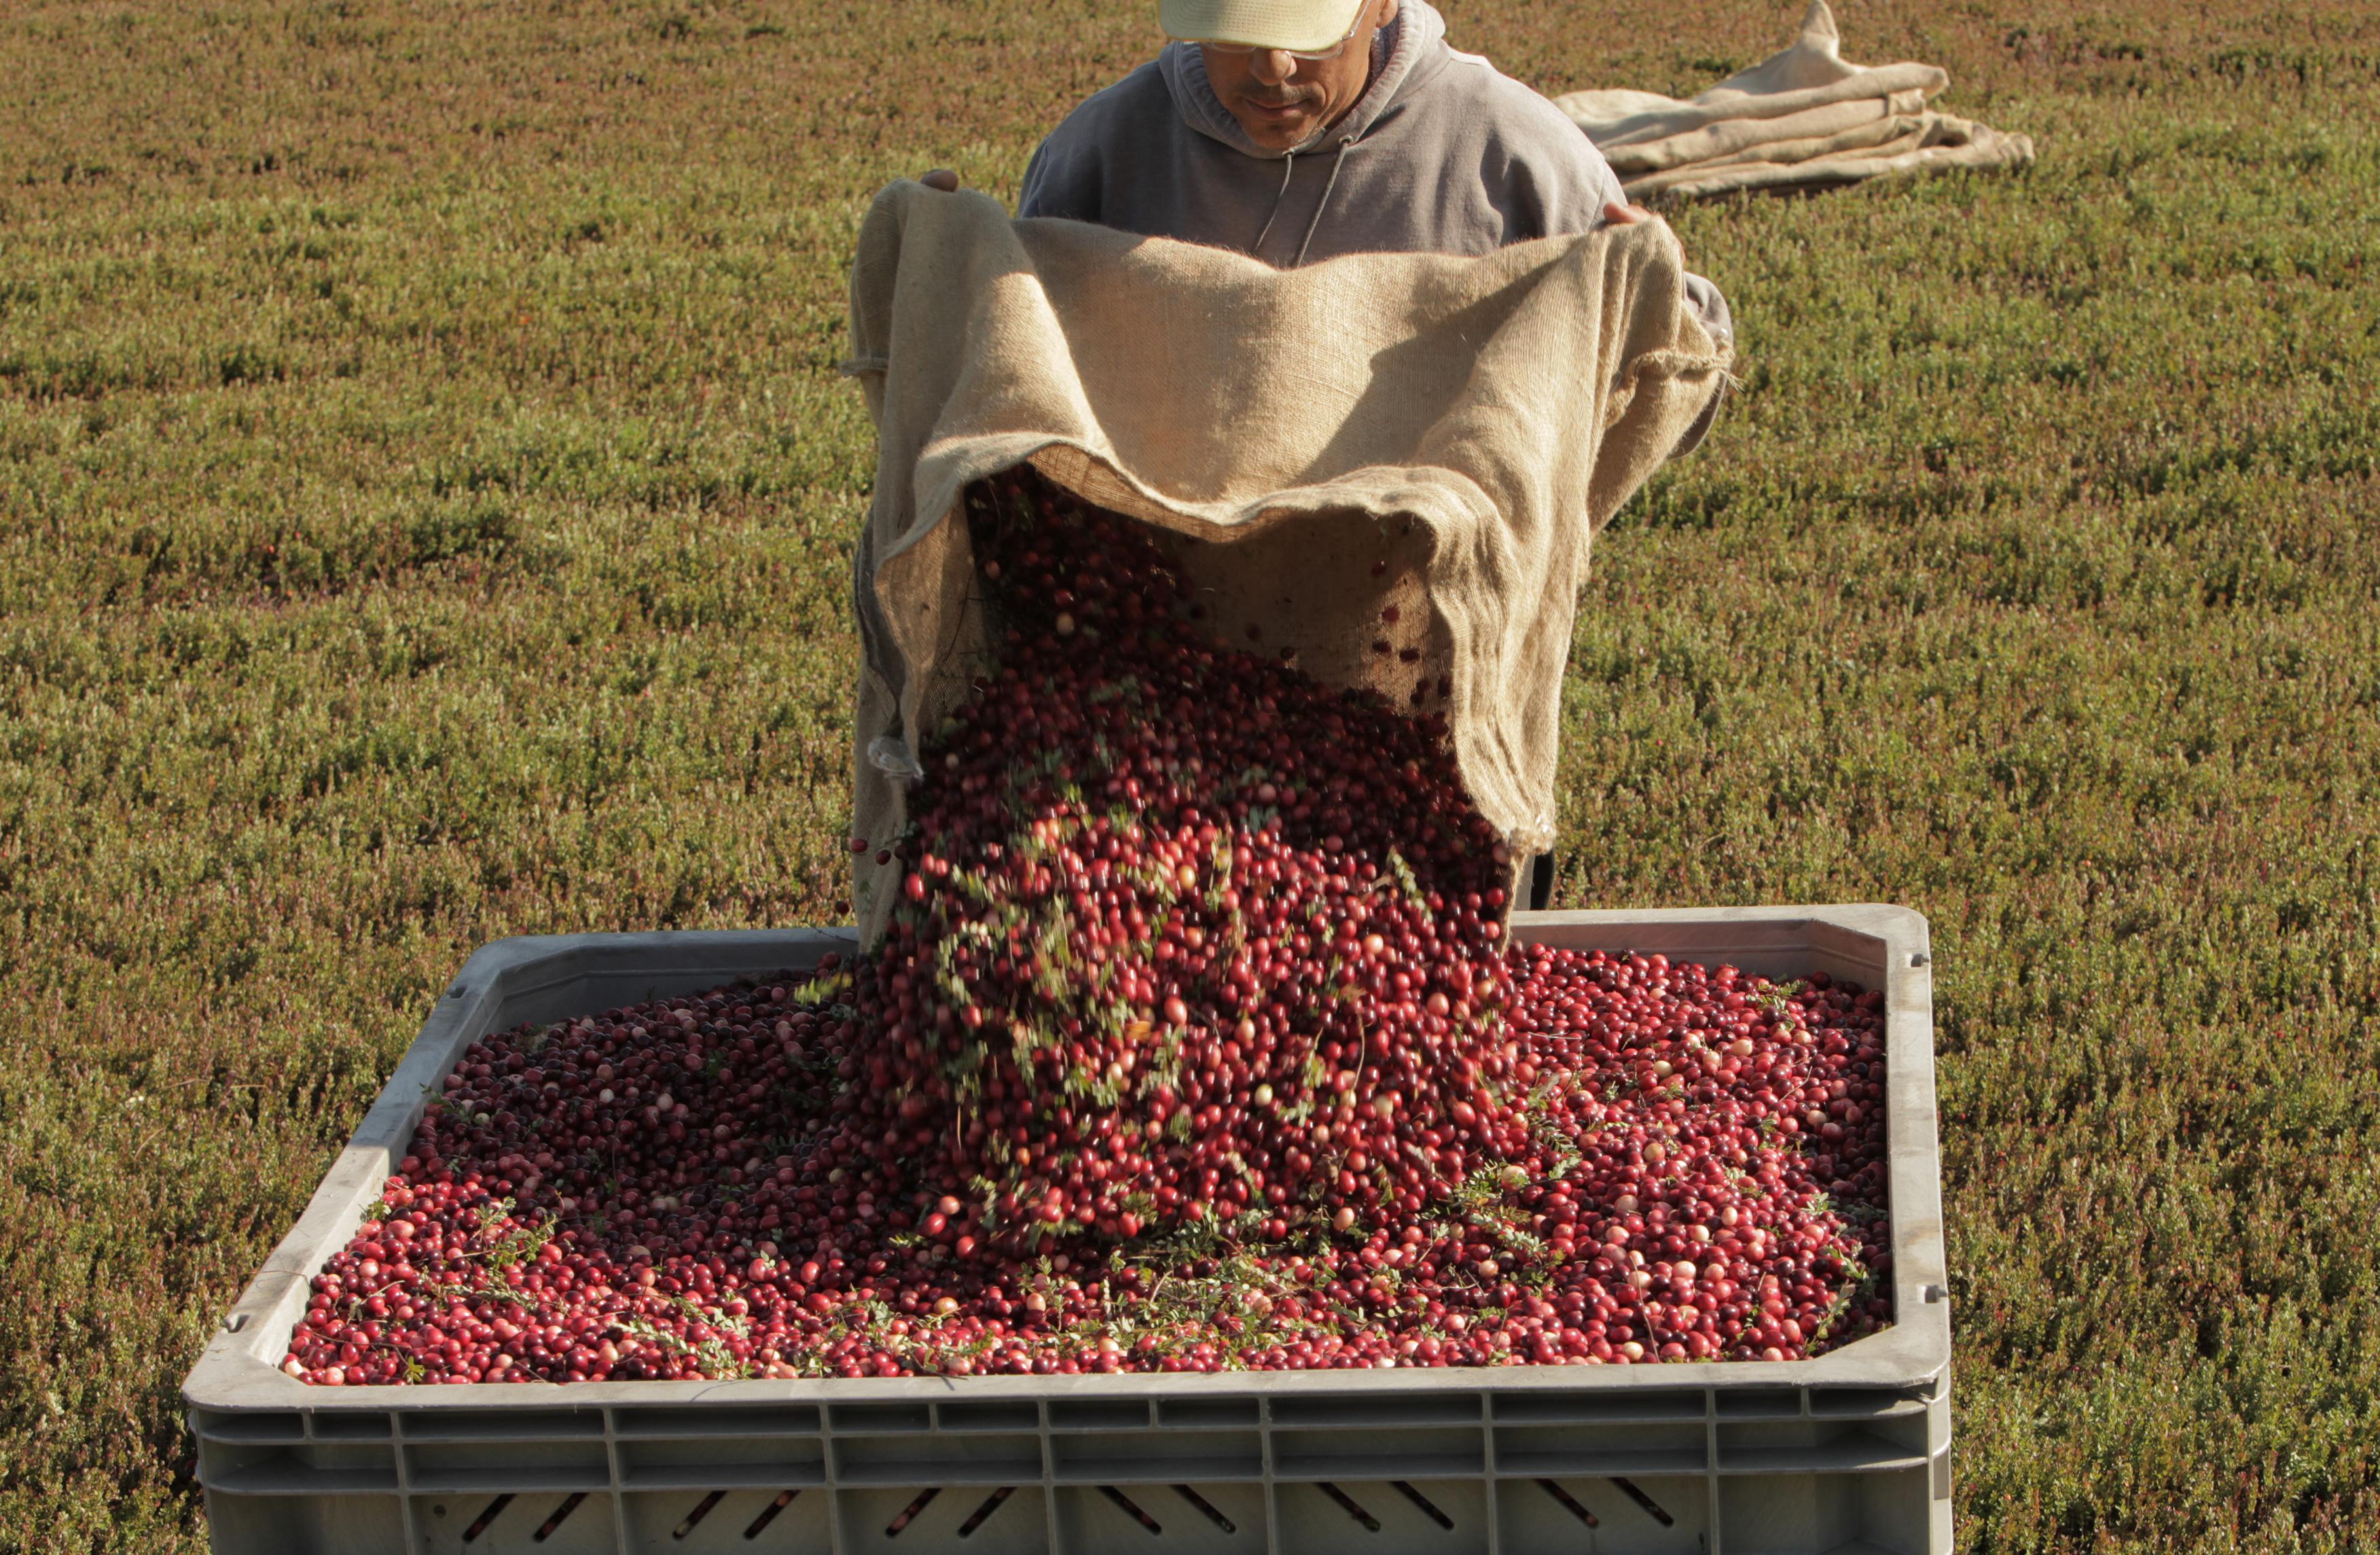 Lots of Berries